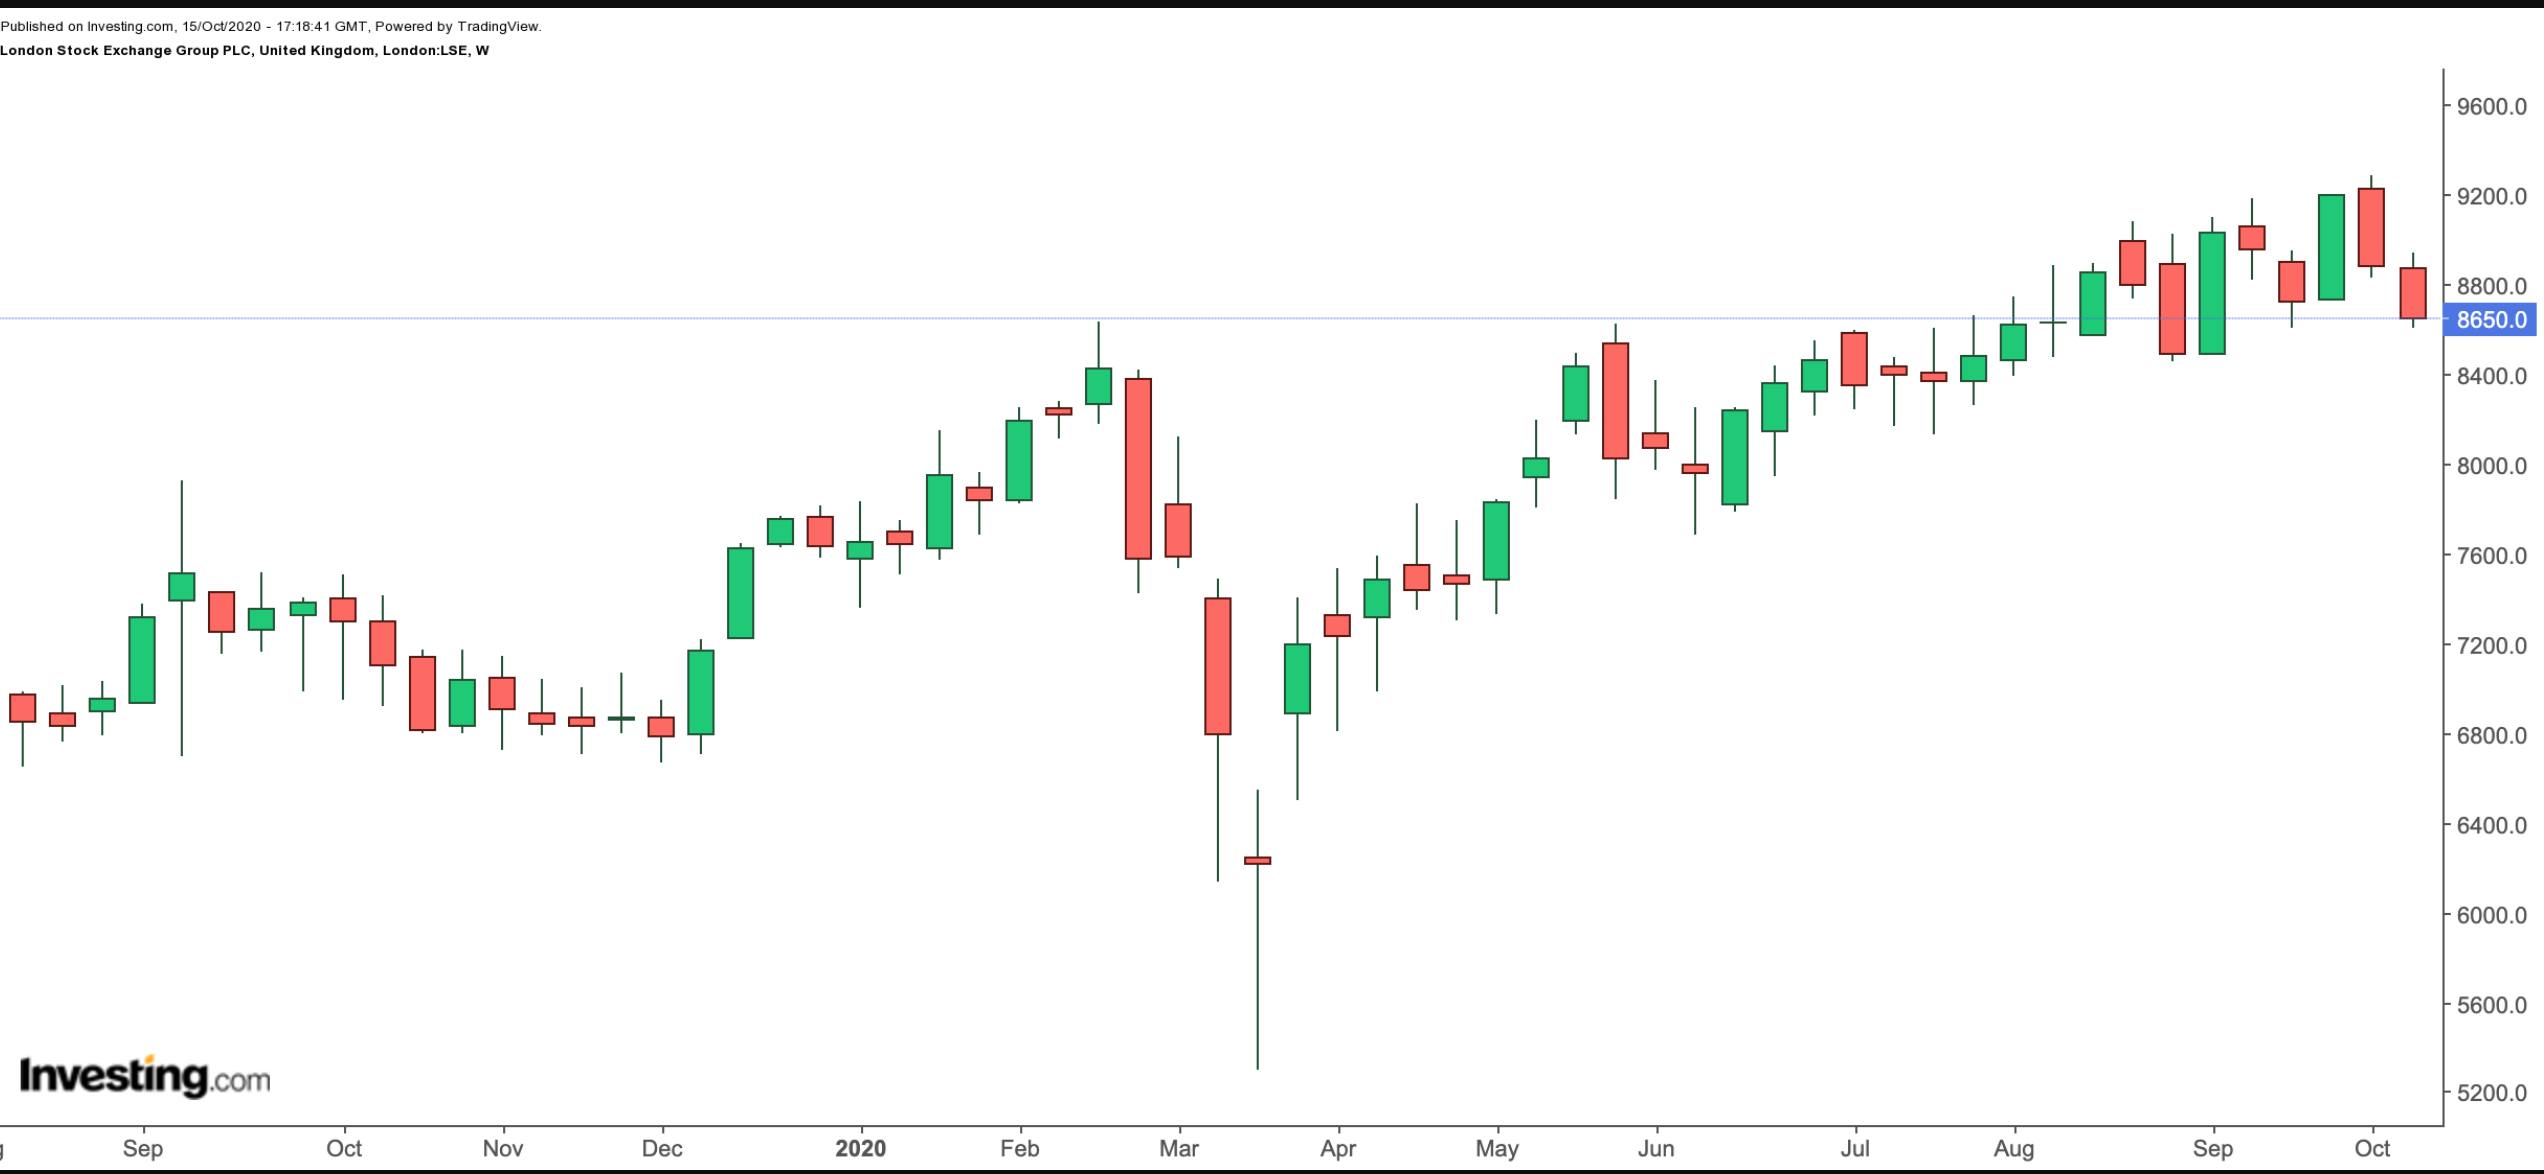 London Stock Exchange 1-Year Chart.